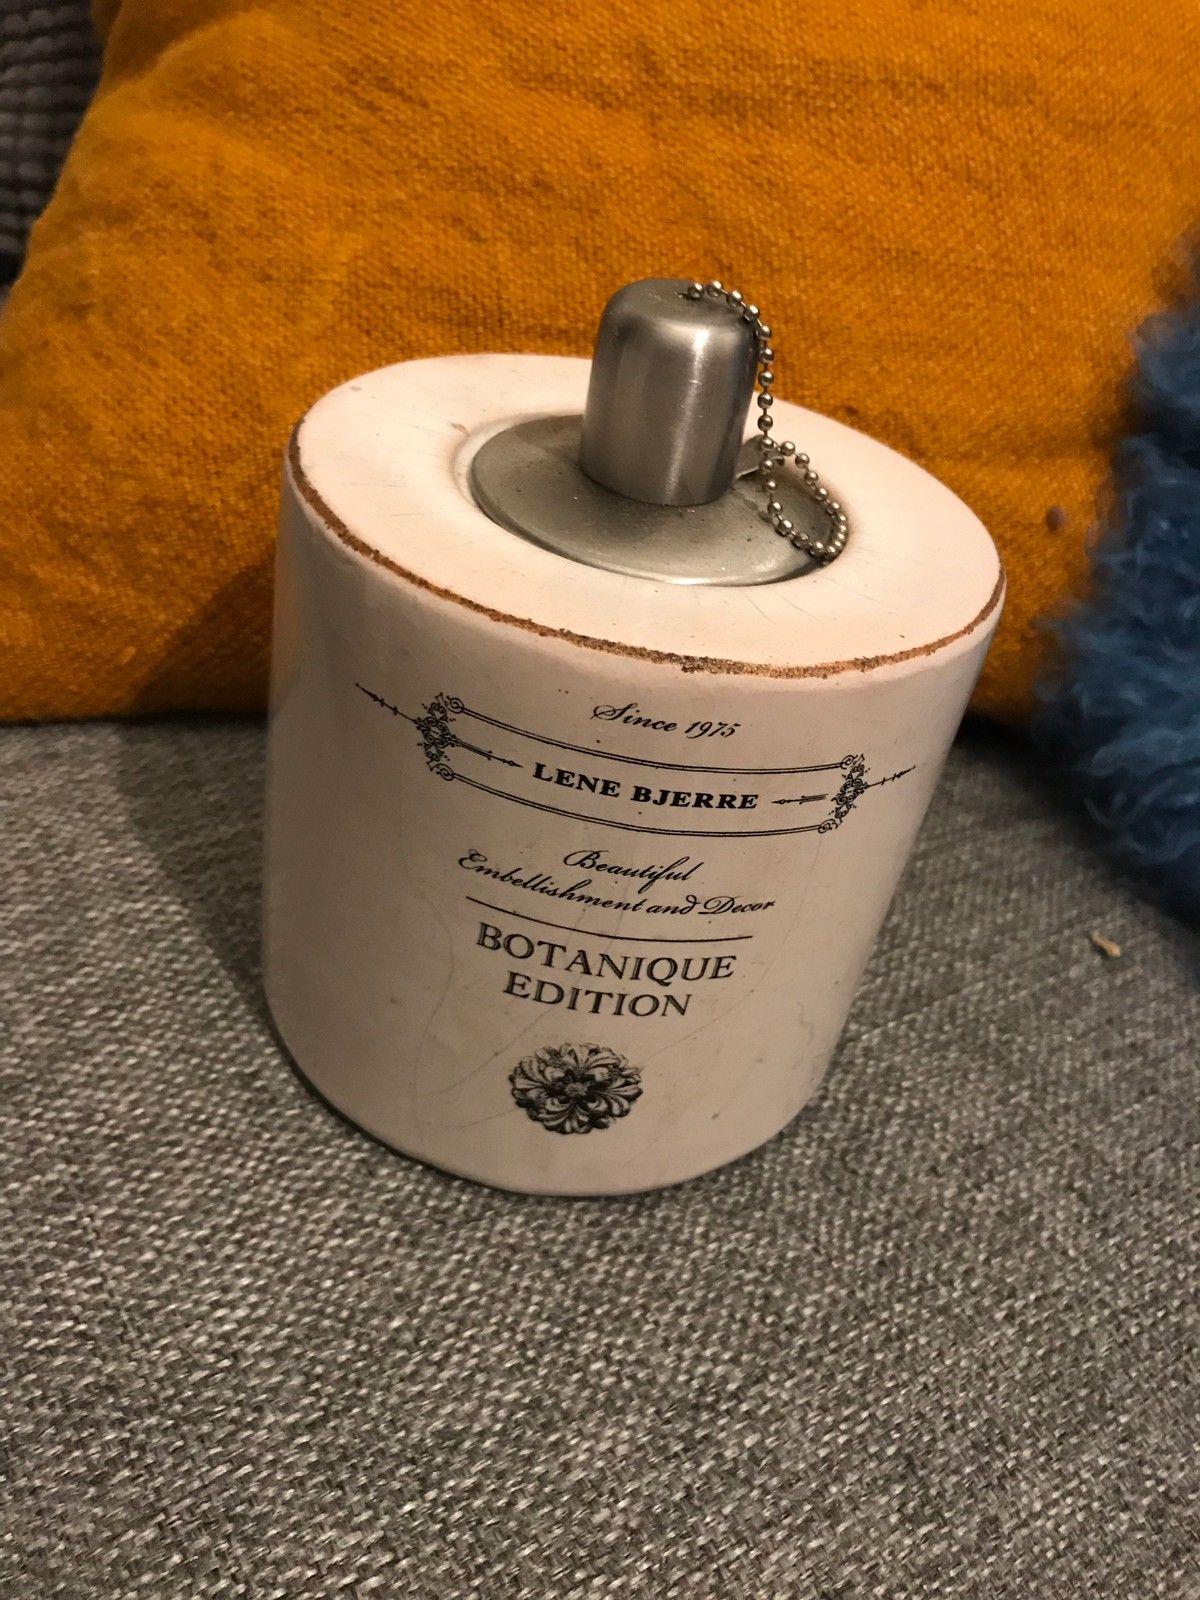 Lampe fra Lene Bjerre | FINN.no